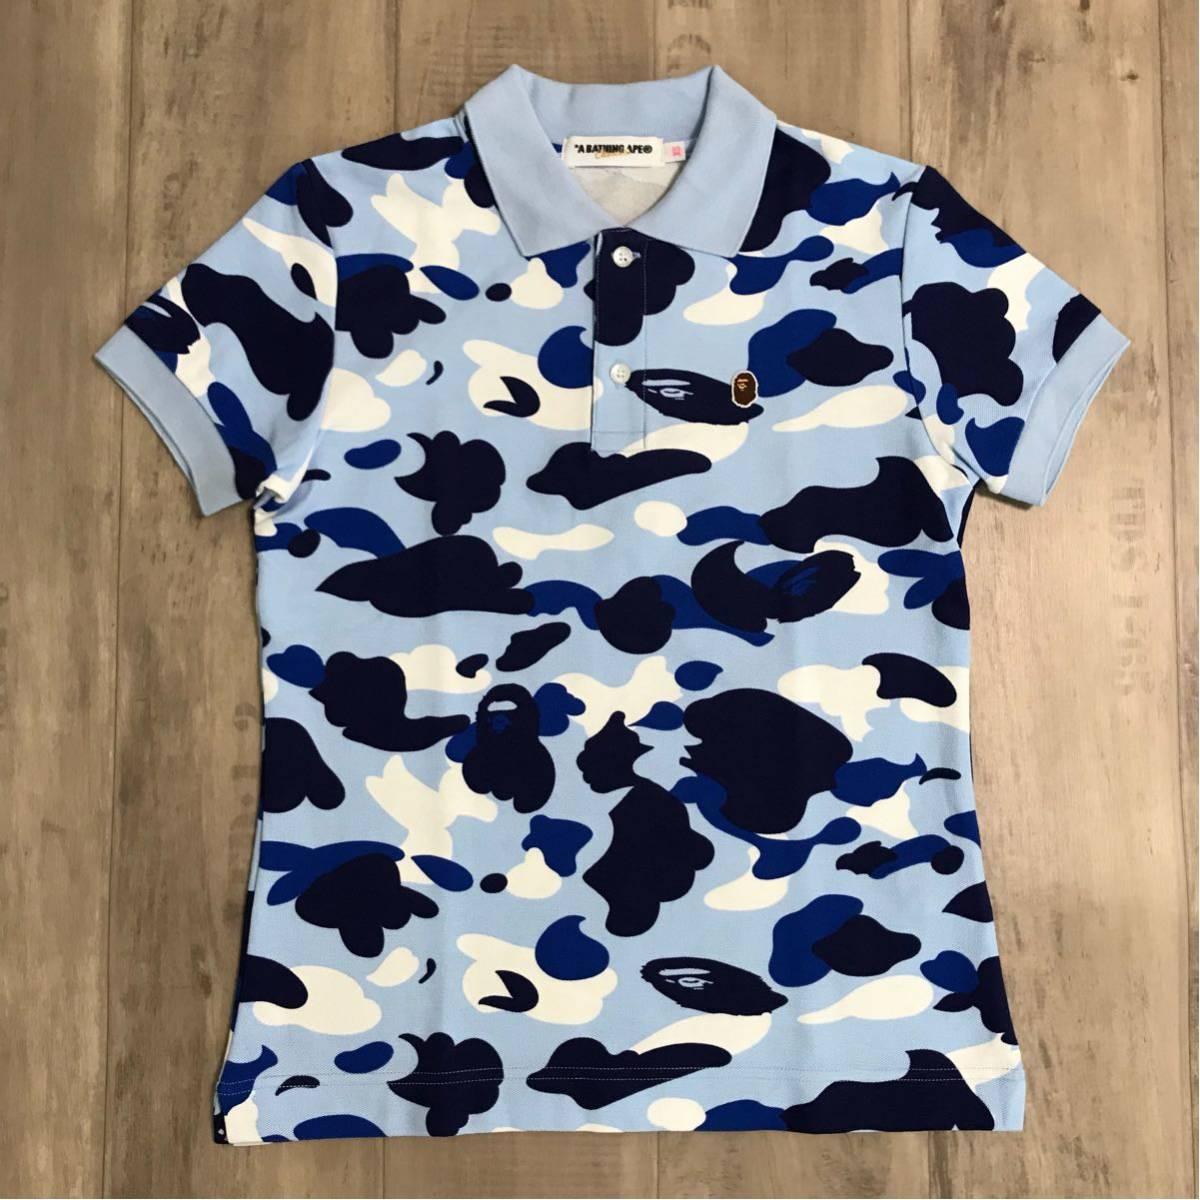 ★名古屋限定★ nagoya city camo レディース ポロシャツ XSサイズ a bathing ape bape エイプ ベイプ アベイシングエイプ 都市限定 迷彩